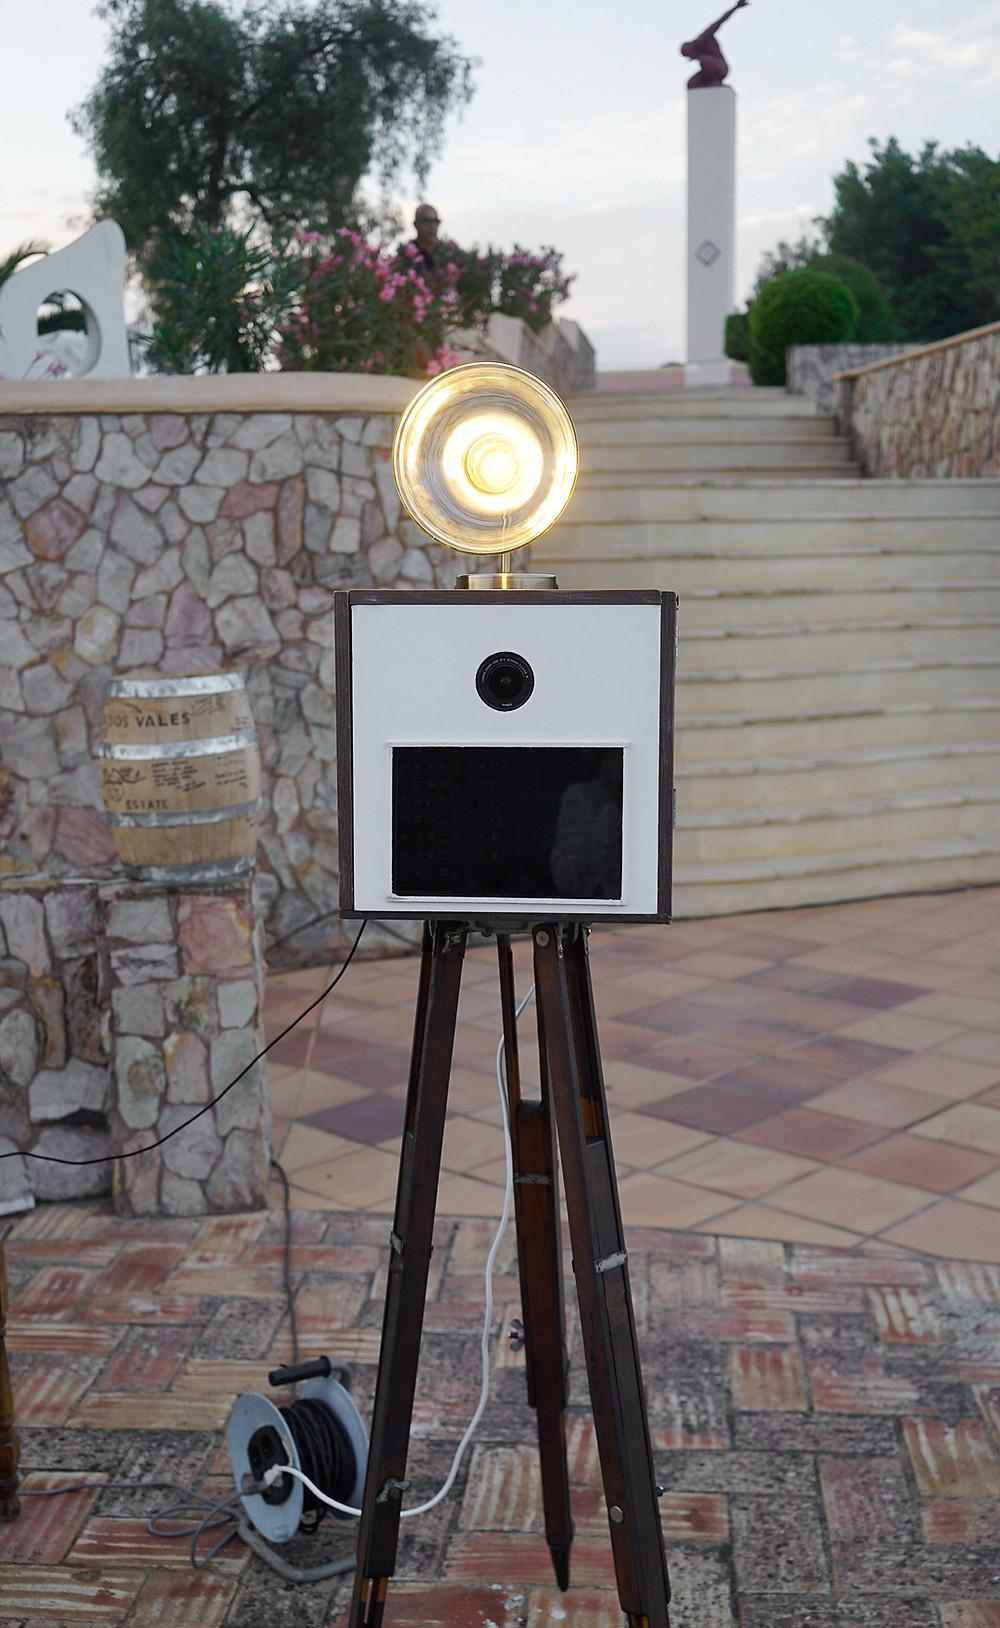 Camera Box Vintage Photo Booth at Wedding Venue Lagos Algarve Portugal